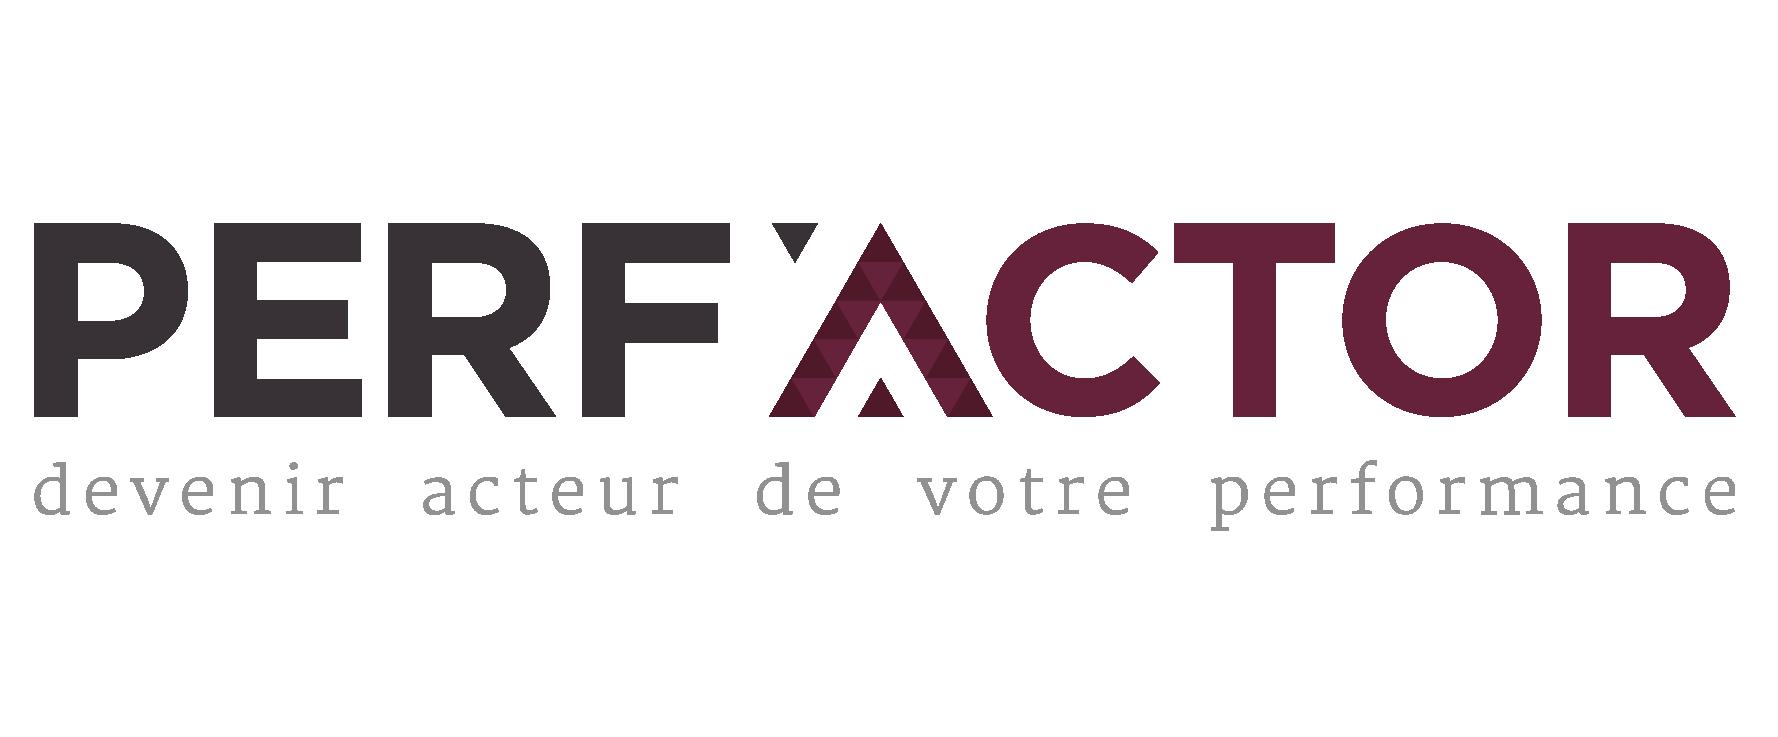 PERF'ACTOR | Performance, SI, Digital et Industrie 4.0 : Transformez votre business